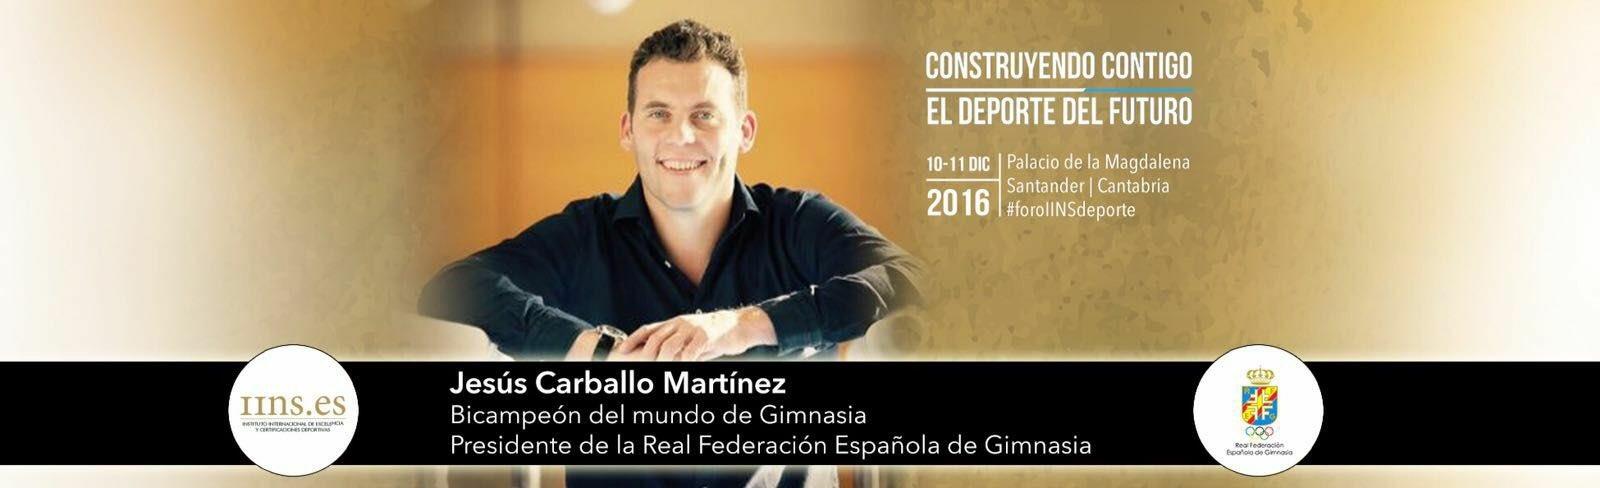 El bicampeón del mundo Jesús Carballo participará en el #foroIINSdeporte